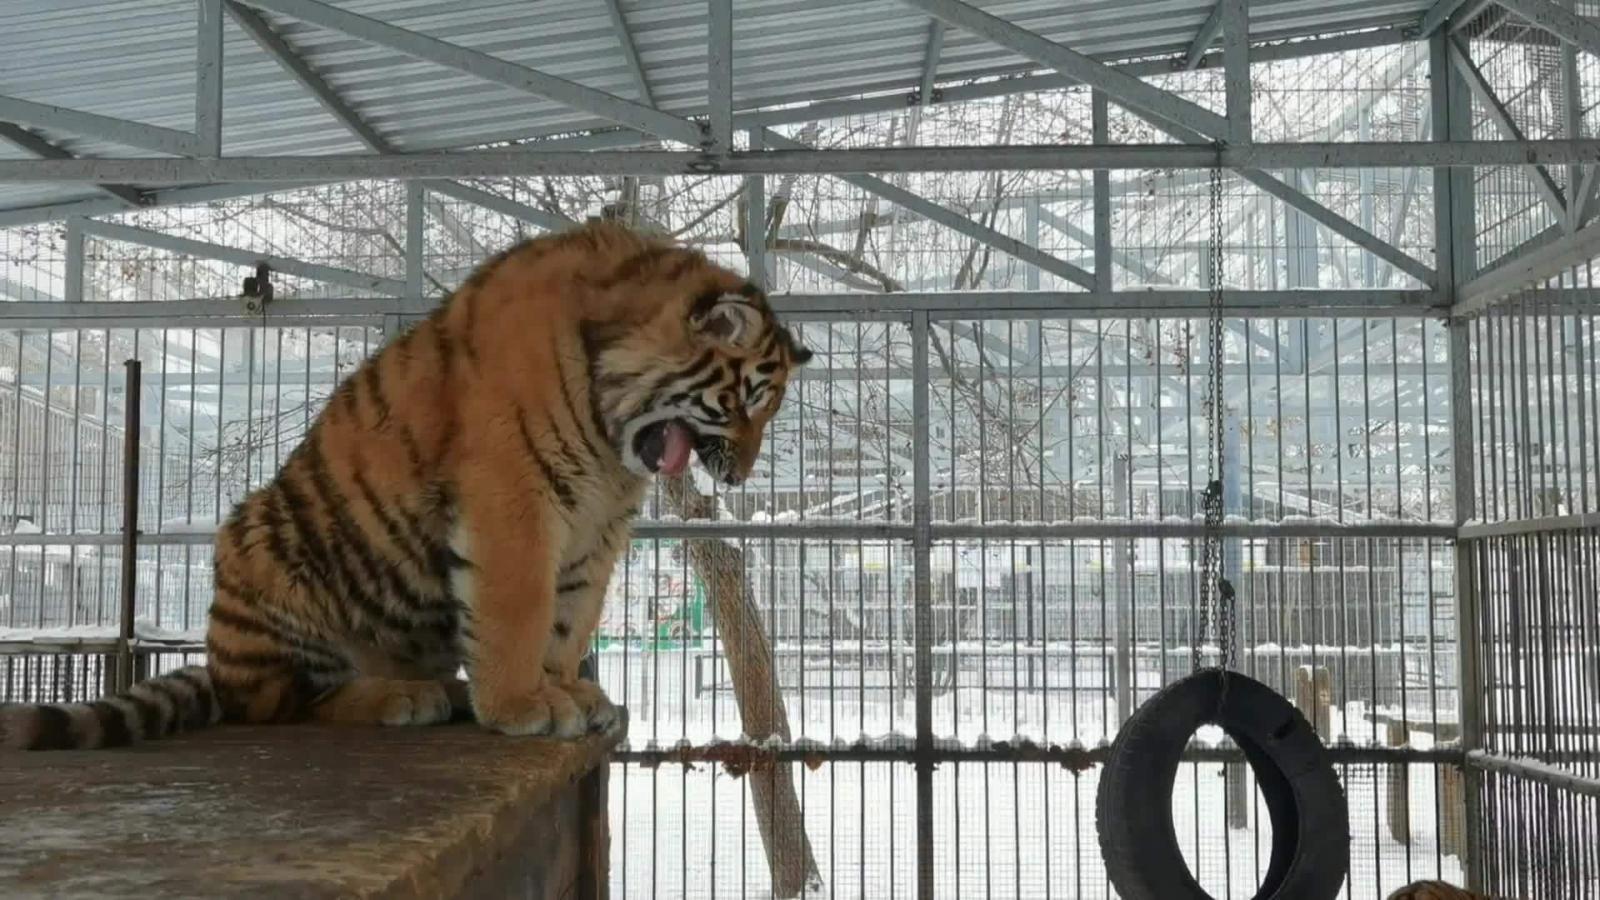 Ngạc nhiên chú hổ phô diễn giọng hát cao vút